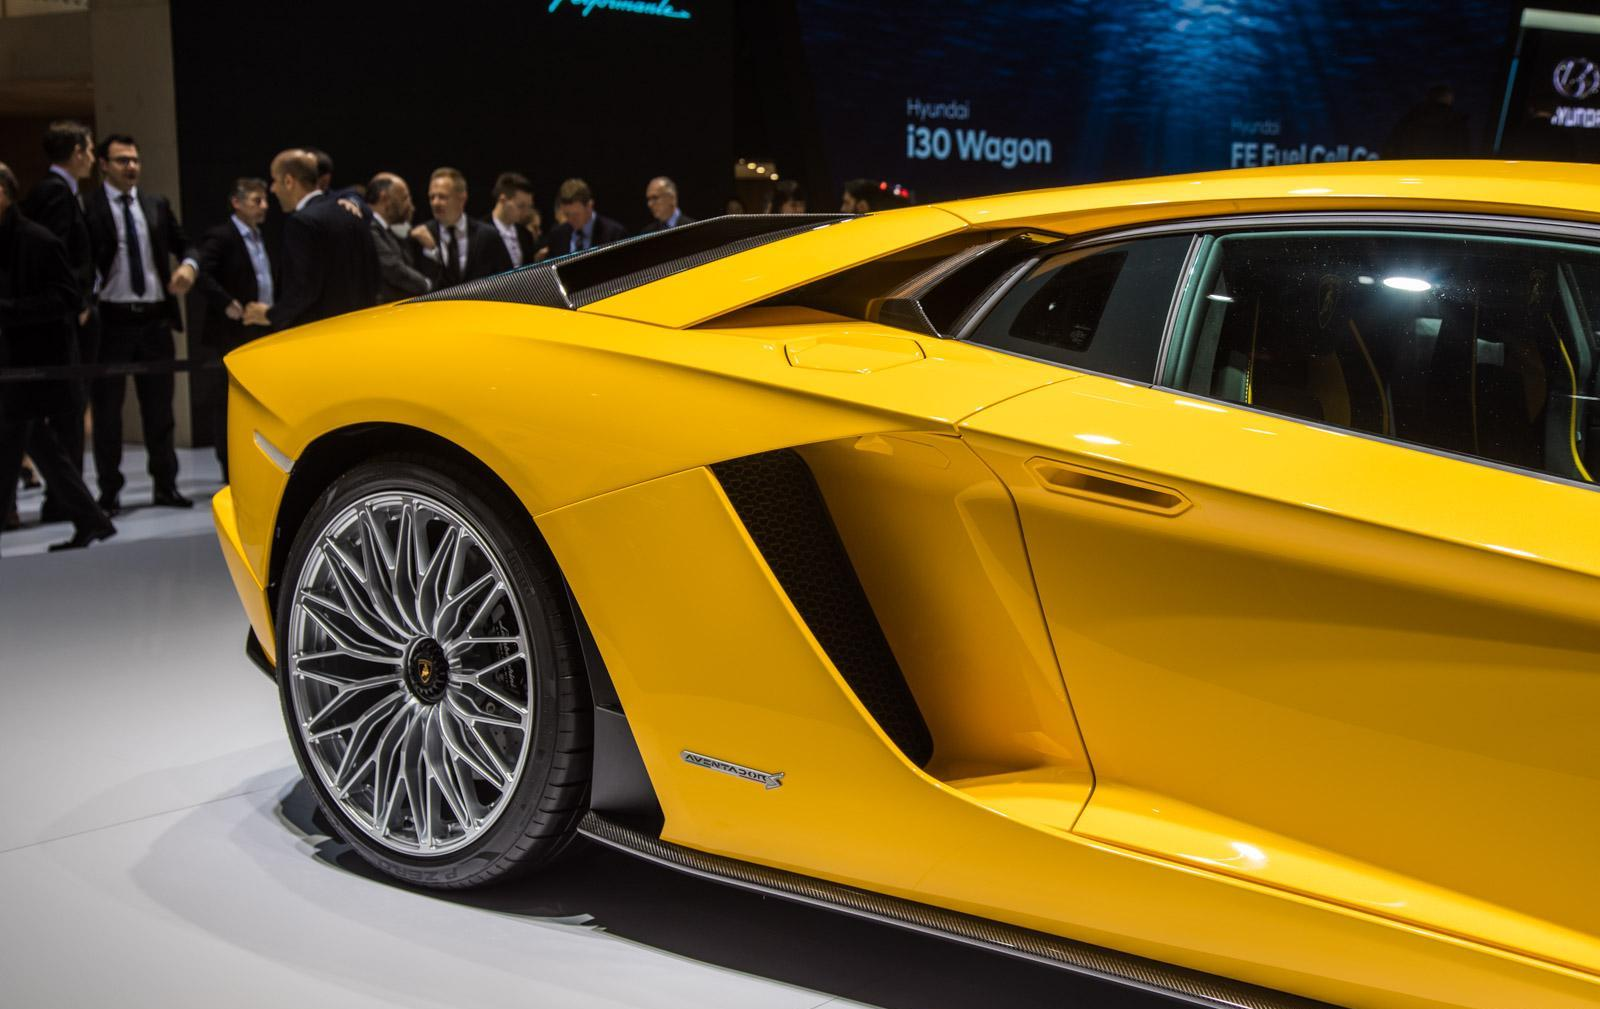 Lamborghini-aventador-s-006